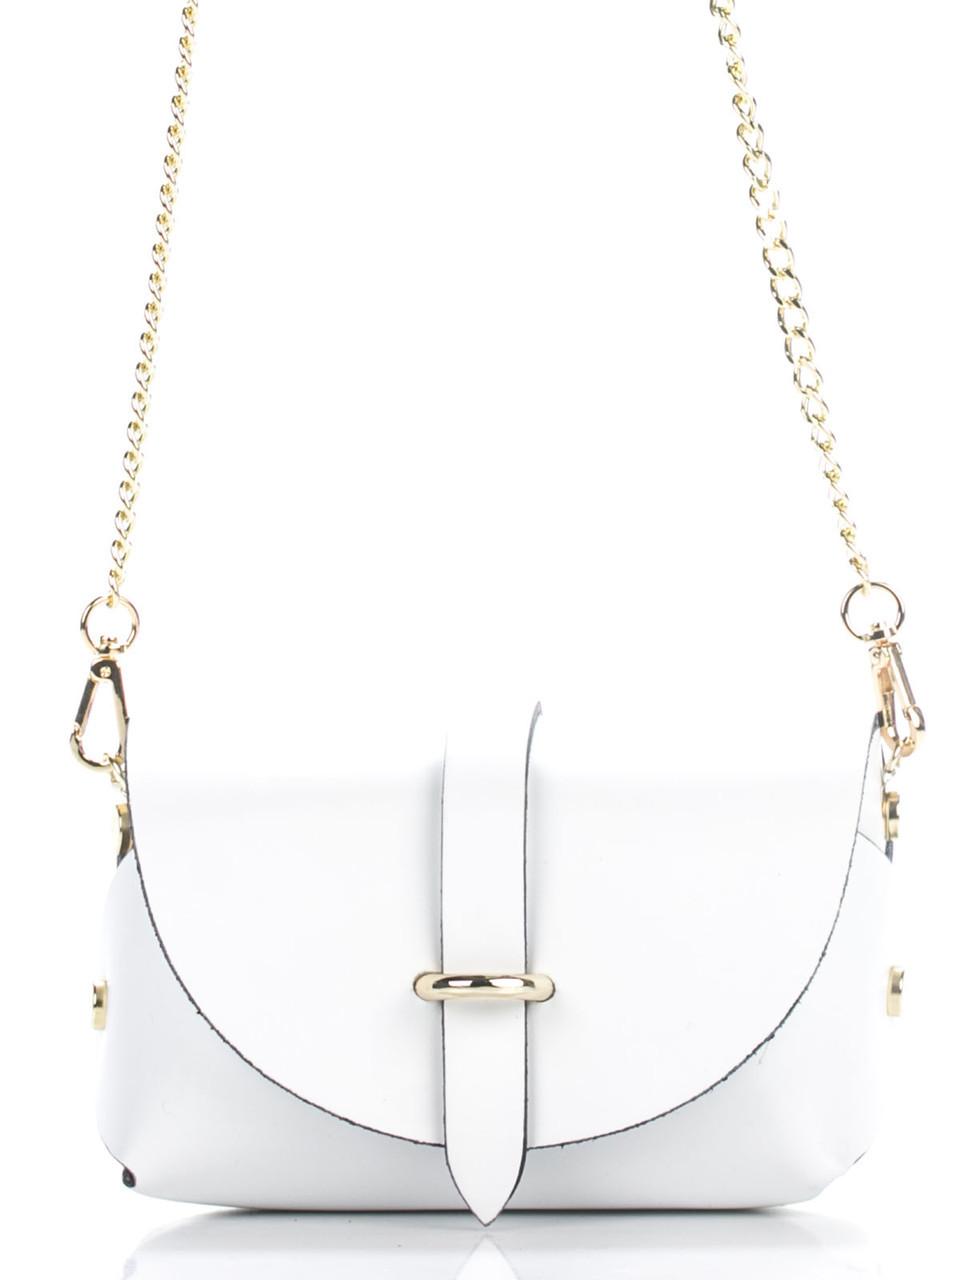 Итальянская женская  кожаная сумка ELVIA Diva's Bag цвет белый